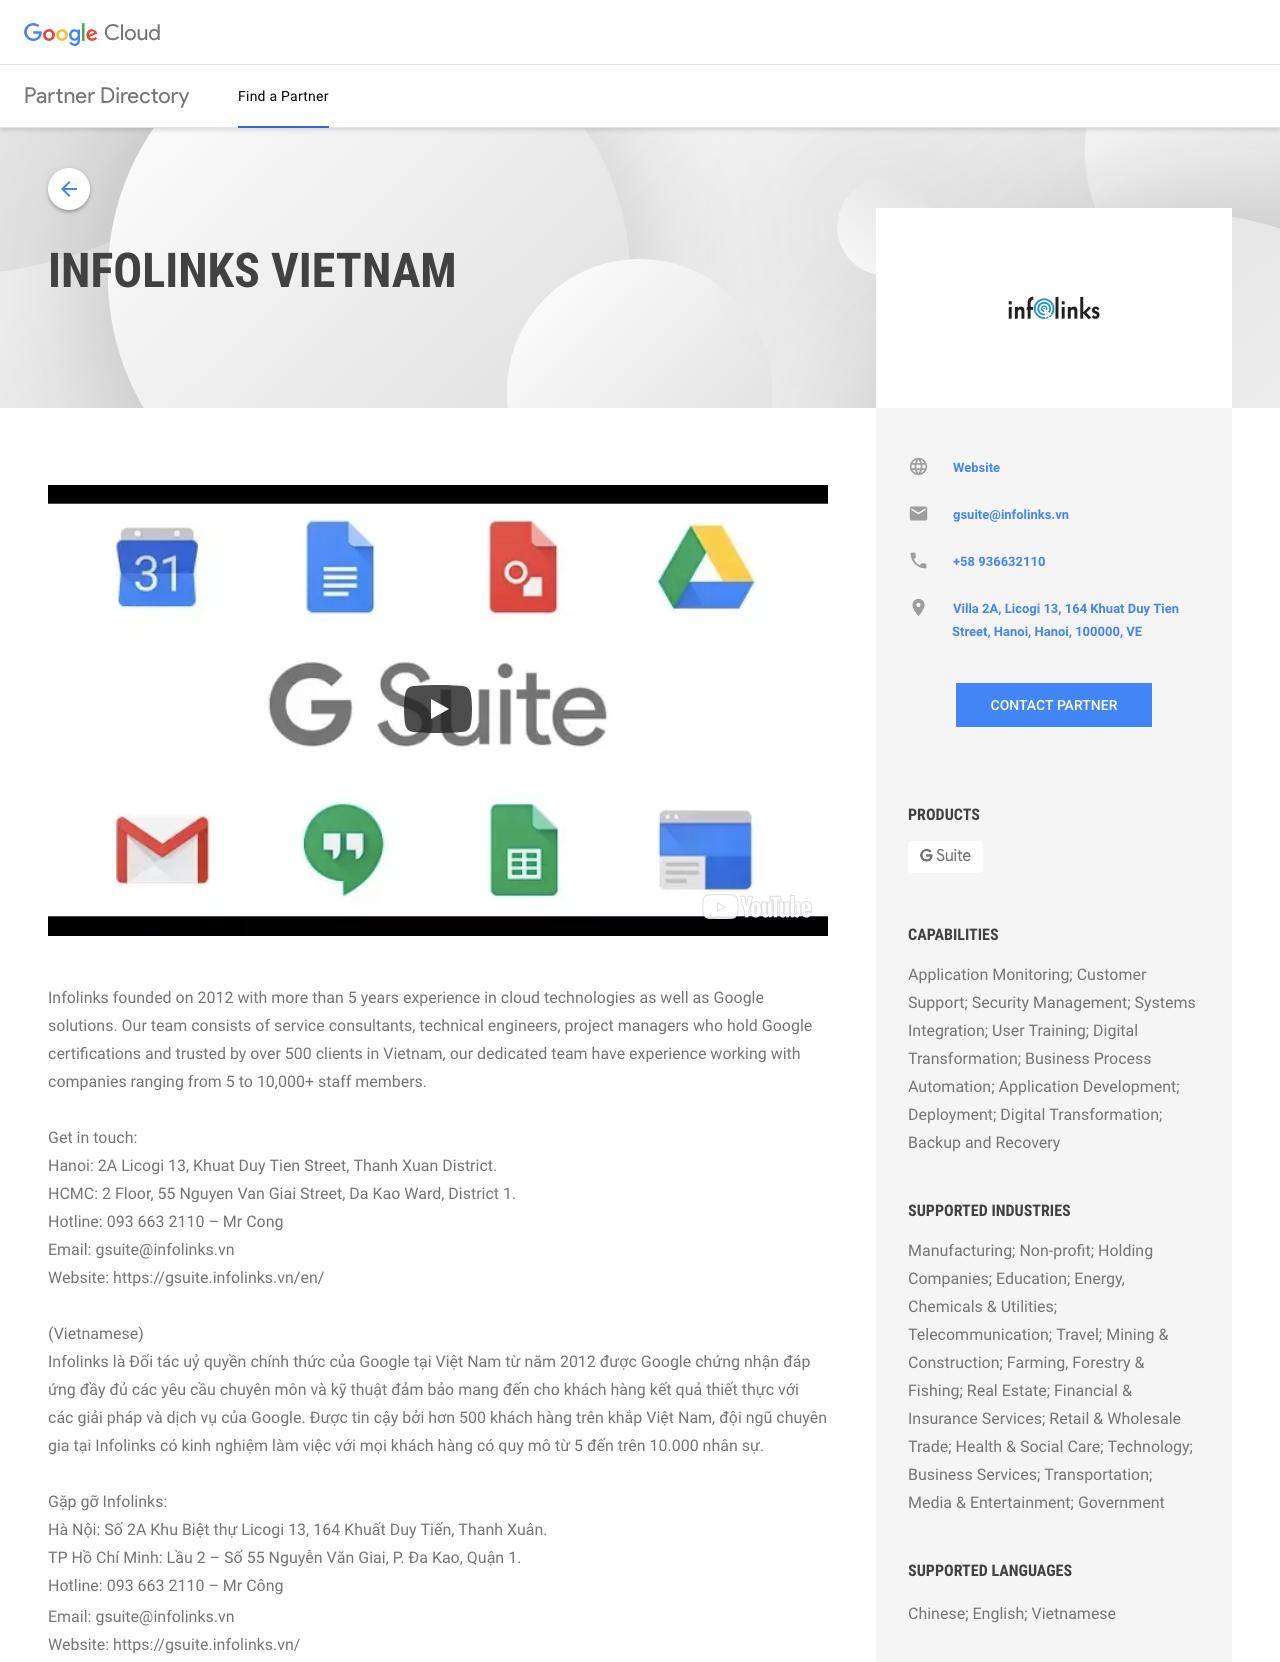 Chứng nhận Đối tác Ủy quyền chính thức cung cấp dịch vụ G Suite của Google với Infolinks Việt Nam